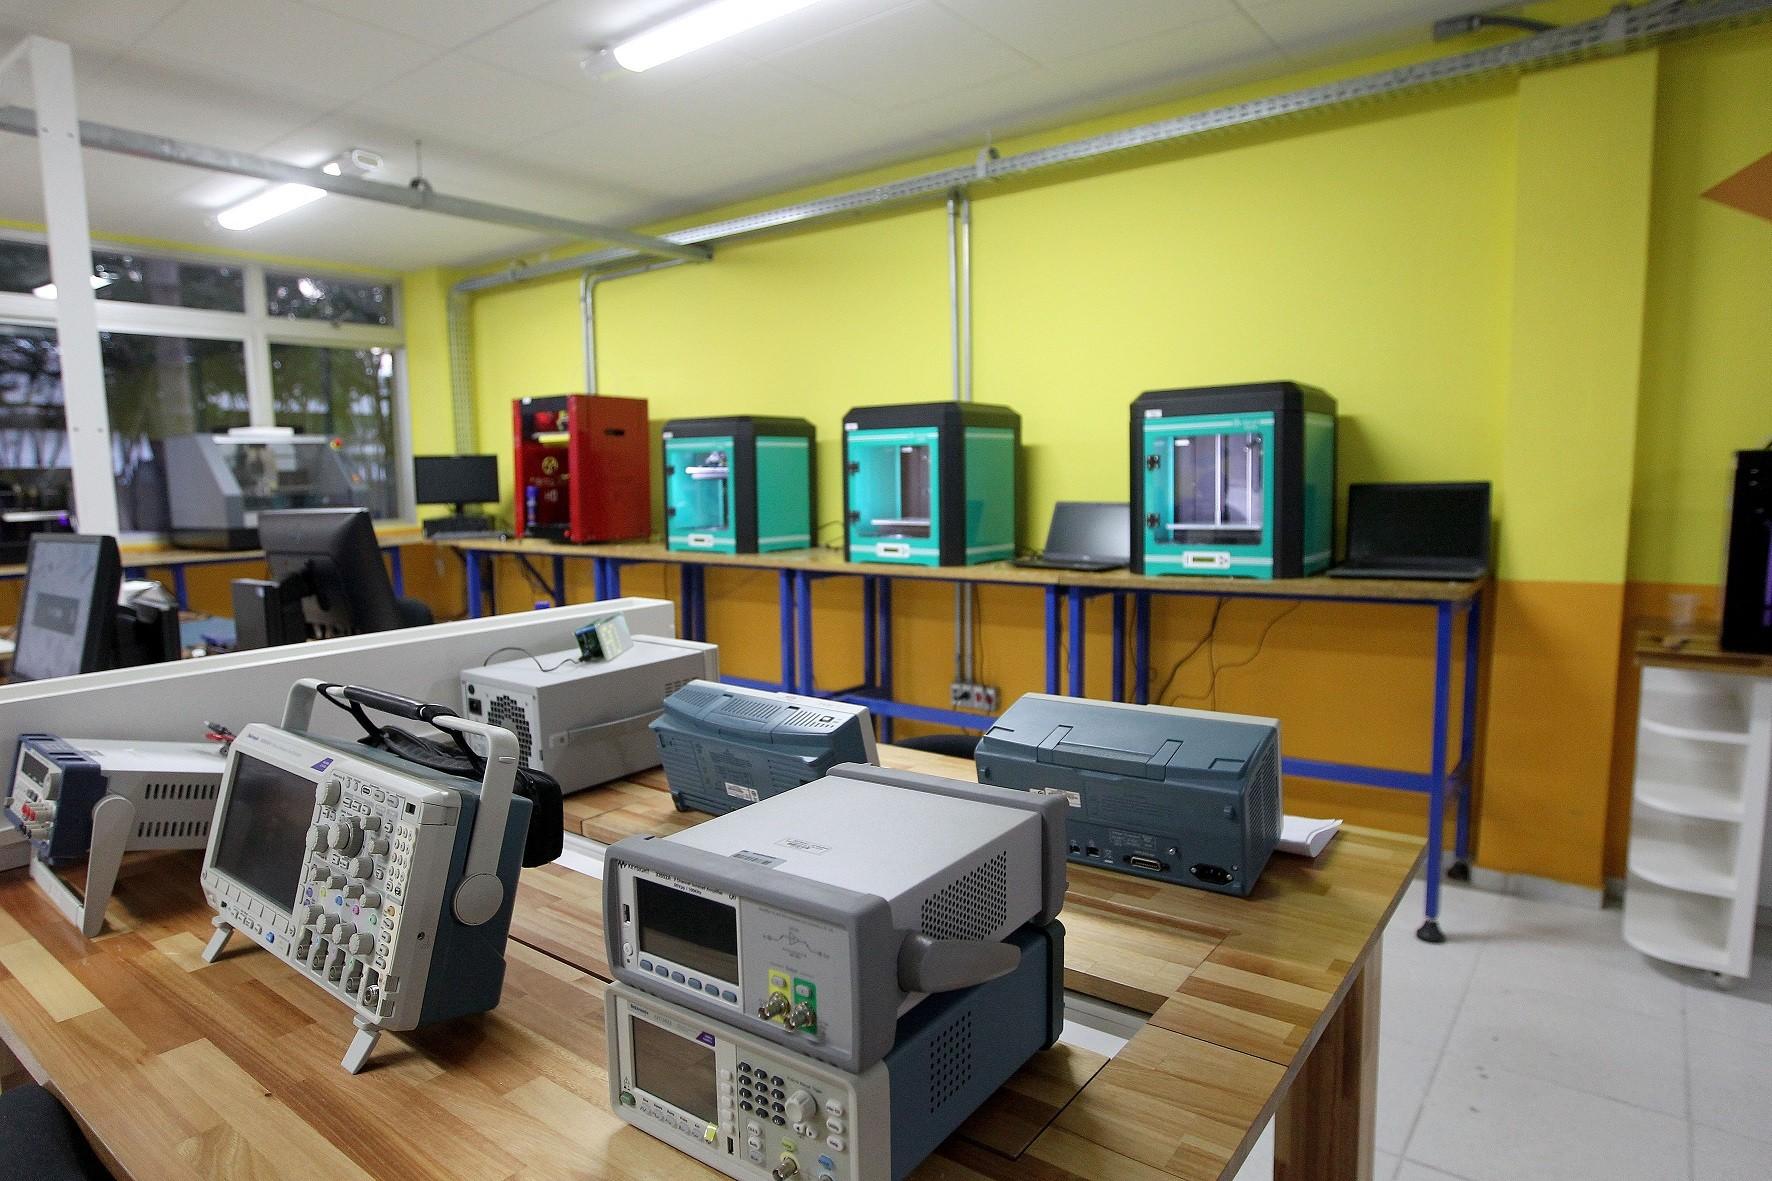 FabLab da Indústria: novas possibilidades para a inovação no setor - Notícias - Plantão Diário